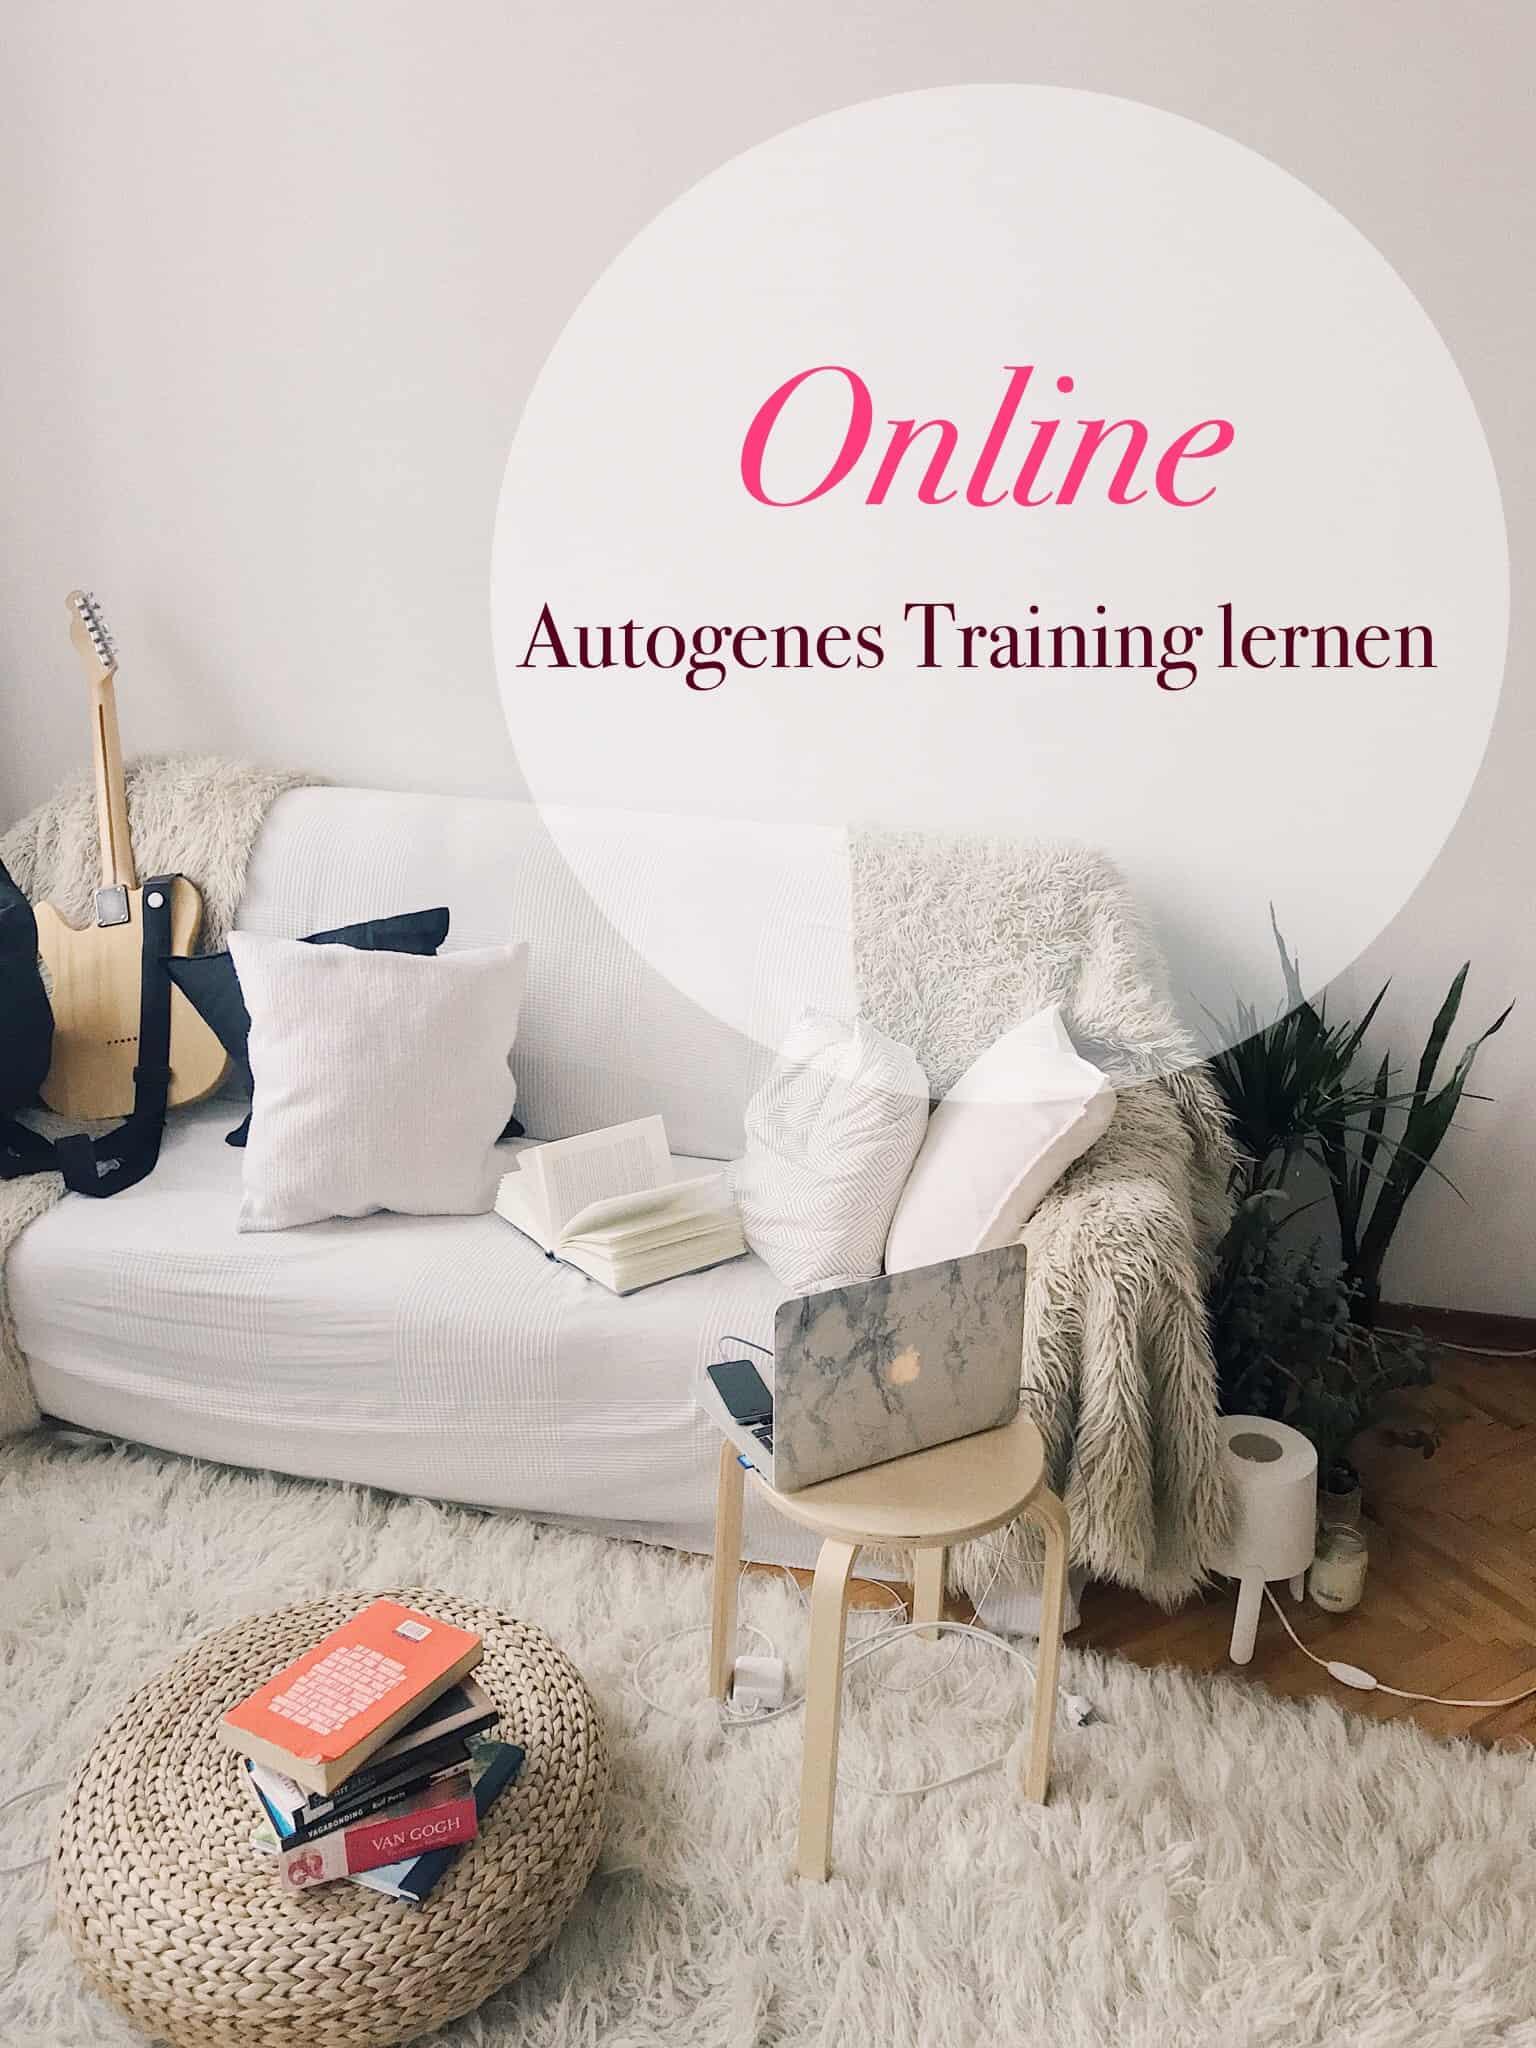 Entspannungszeit Leipzig Onlinekurs Autogenes Training